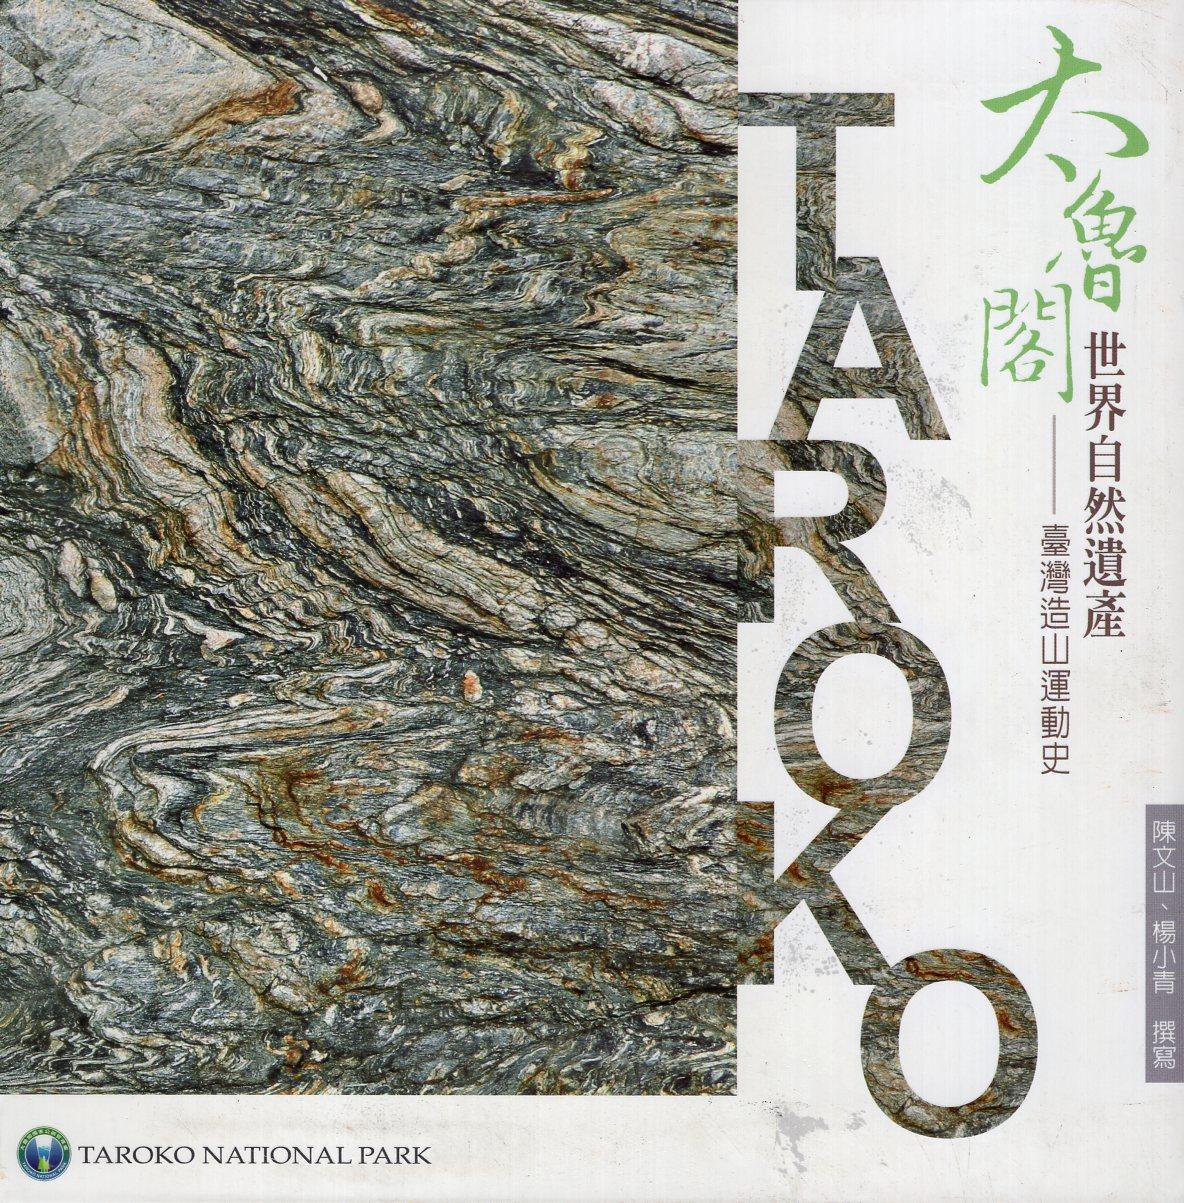 《世界自然遺產-臺灣造山運動史(精裝) 》封面